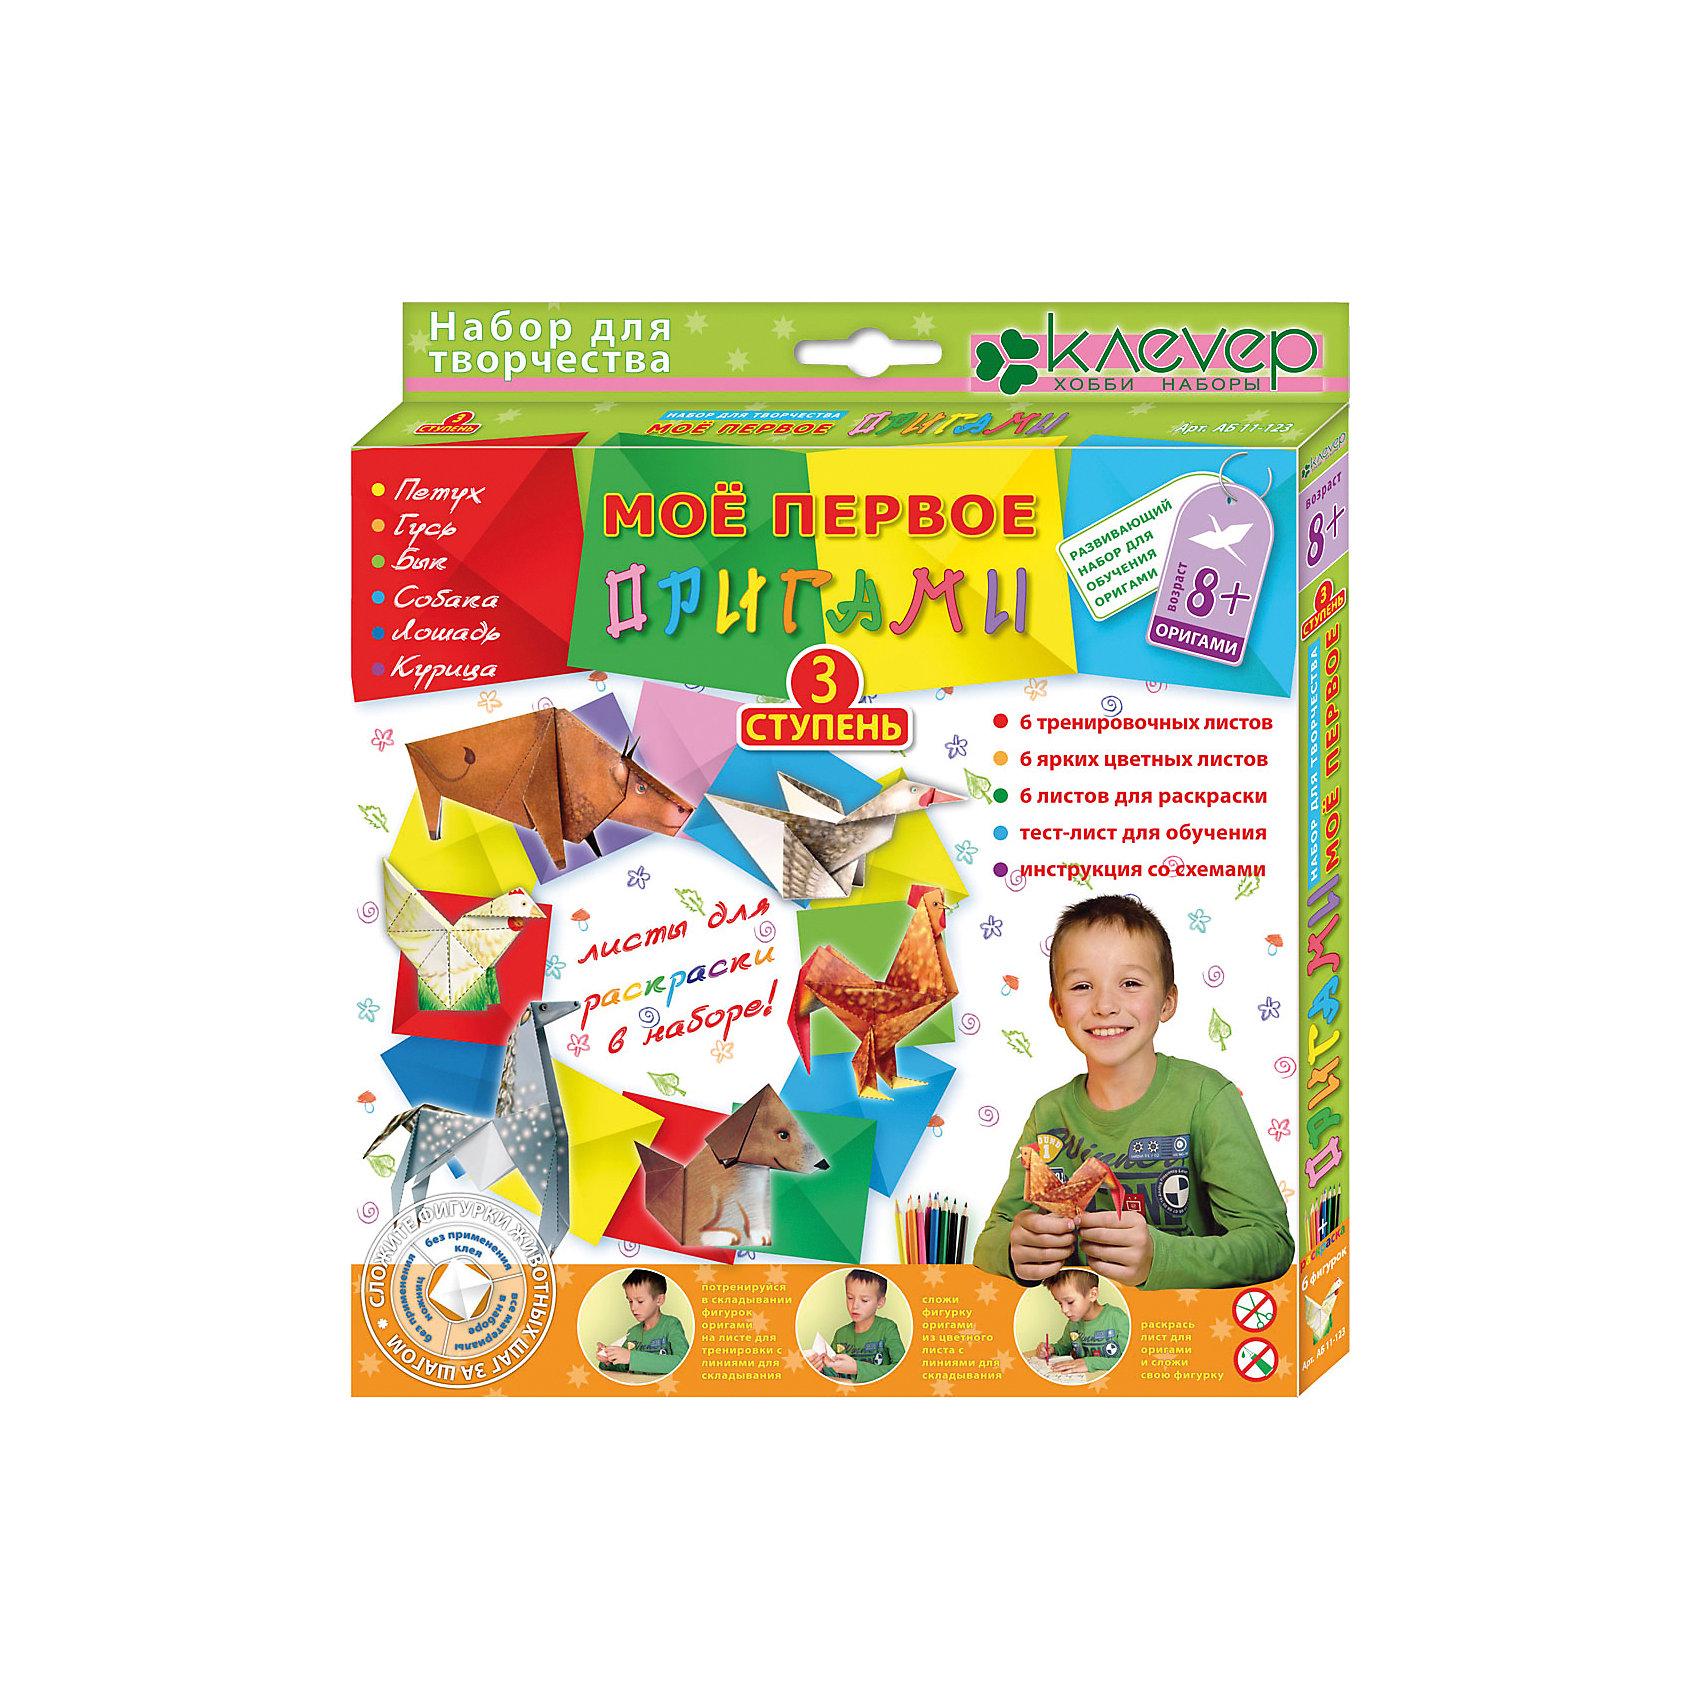 Набор для изготовления фигурок Мое первое оригами 3-ая ступеньРукоделие<br>Характеристики:<br><br>• Коллекция: оригами<br>• Тематика: домашние животные <br>• Уровень сложности: высокий<br>• Материал: бумага<br>• Комплектация: тренировочные листы, цветные листы, листы для раскраски, тест-лист, брошюра-инструкция<br>• Размеры (Д*Ш*В): 23*21*18 см<br>• Вес: 62 г <br>• Упаковка: картонная коробка<br><br>Набор для изготовления фигурок Мое первое оригами 3-ая ступень состоит из набора листов, презназначенных для освоения приемов складывания фигурок. В комплекте предусмотрены тренировочные листы, листы для раскрашивания и цветные листы. На каждый лист нанесены пунктирные линии, которые облегчают процесс обучения оригами.<br><br>Набор для изготовления фигурок Мое первое оригами 3-ая ступень можно купить в нашем интернет-магазине.<br><br>Ширина мм: 230<br>Глубина мм: 210<br>Высота мм: 180<br>Вес г: 62<br>Возраст от месяцев: 96<br>Возраст до месяцев: 144<br>Пол: Унисекс<br>Возраст: Детский<br>SKU: 5541594